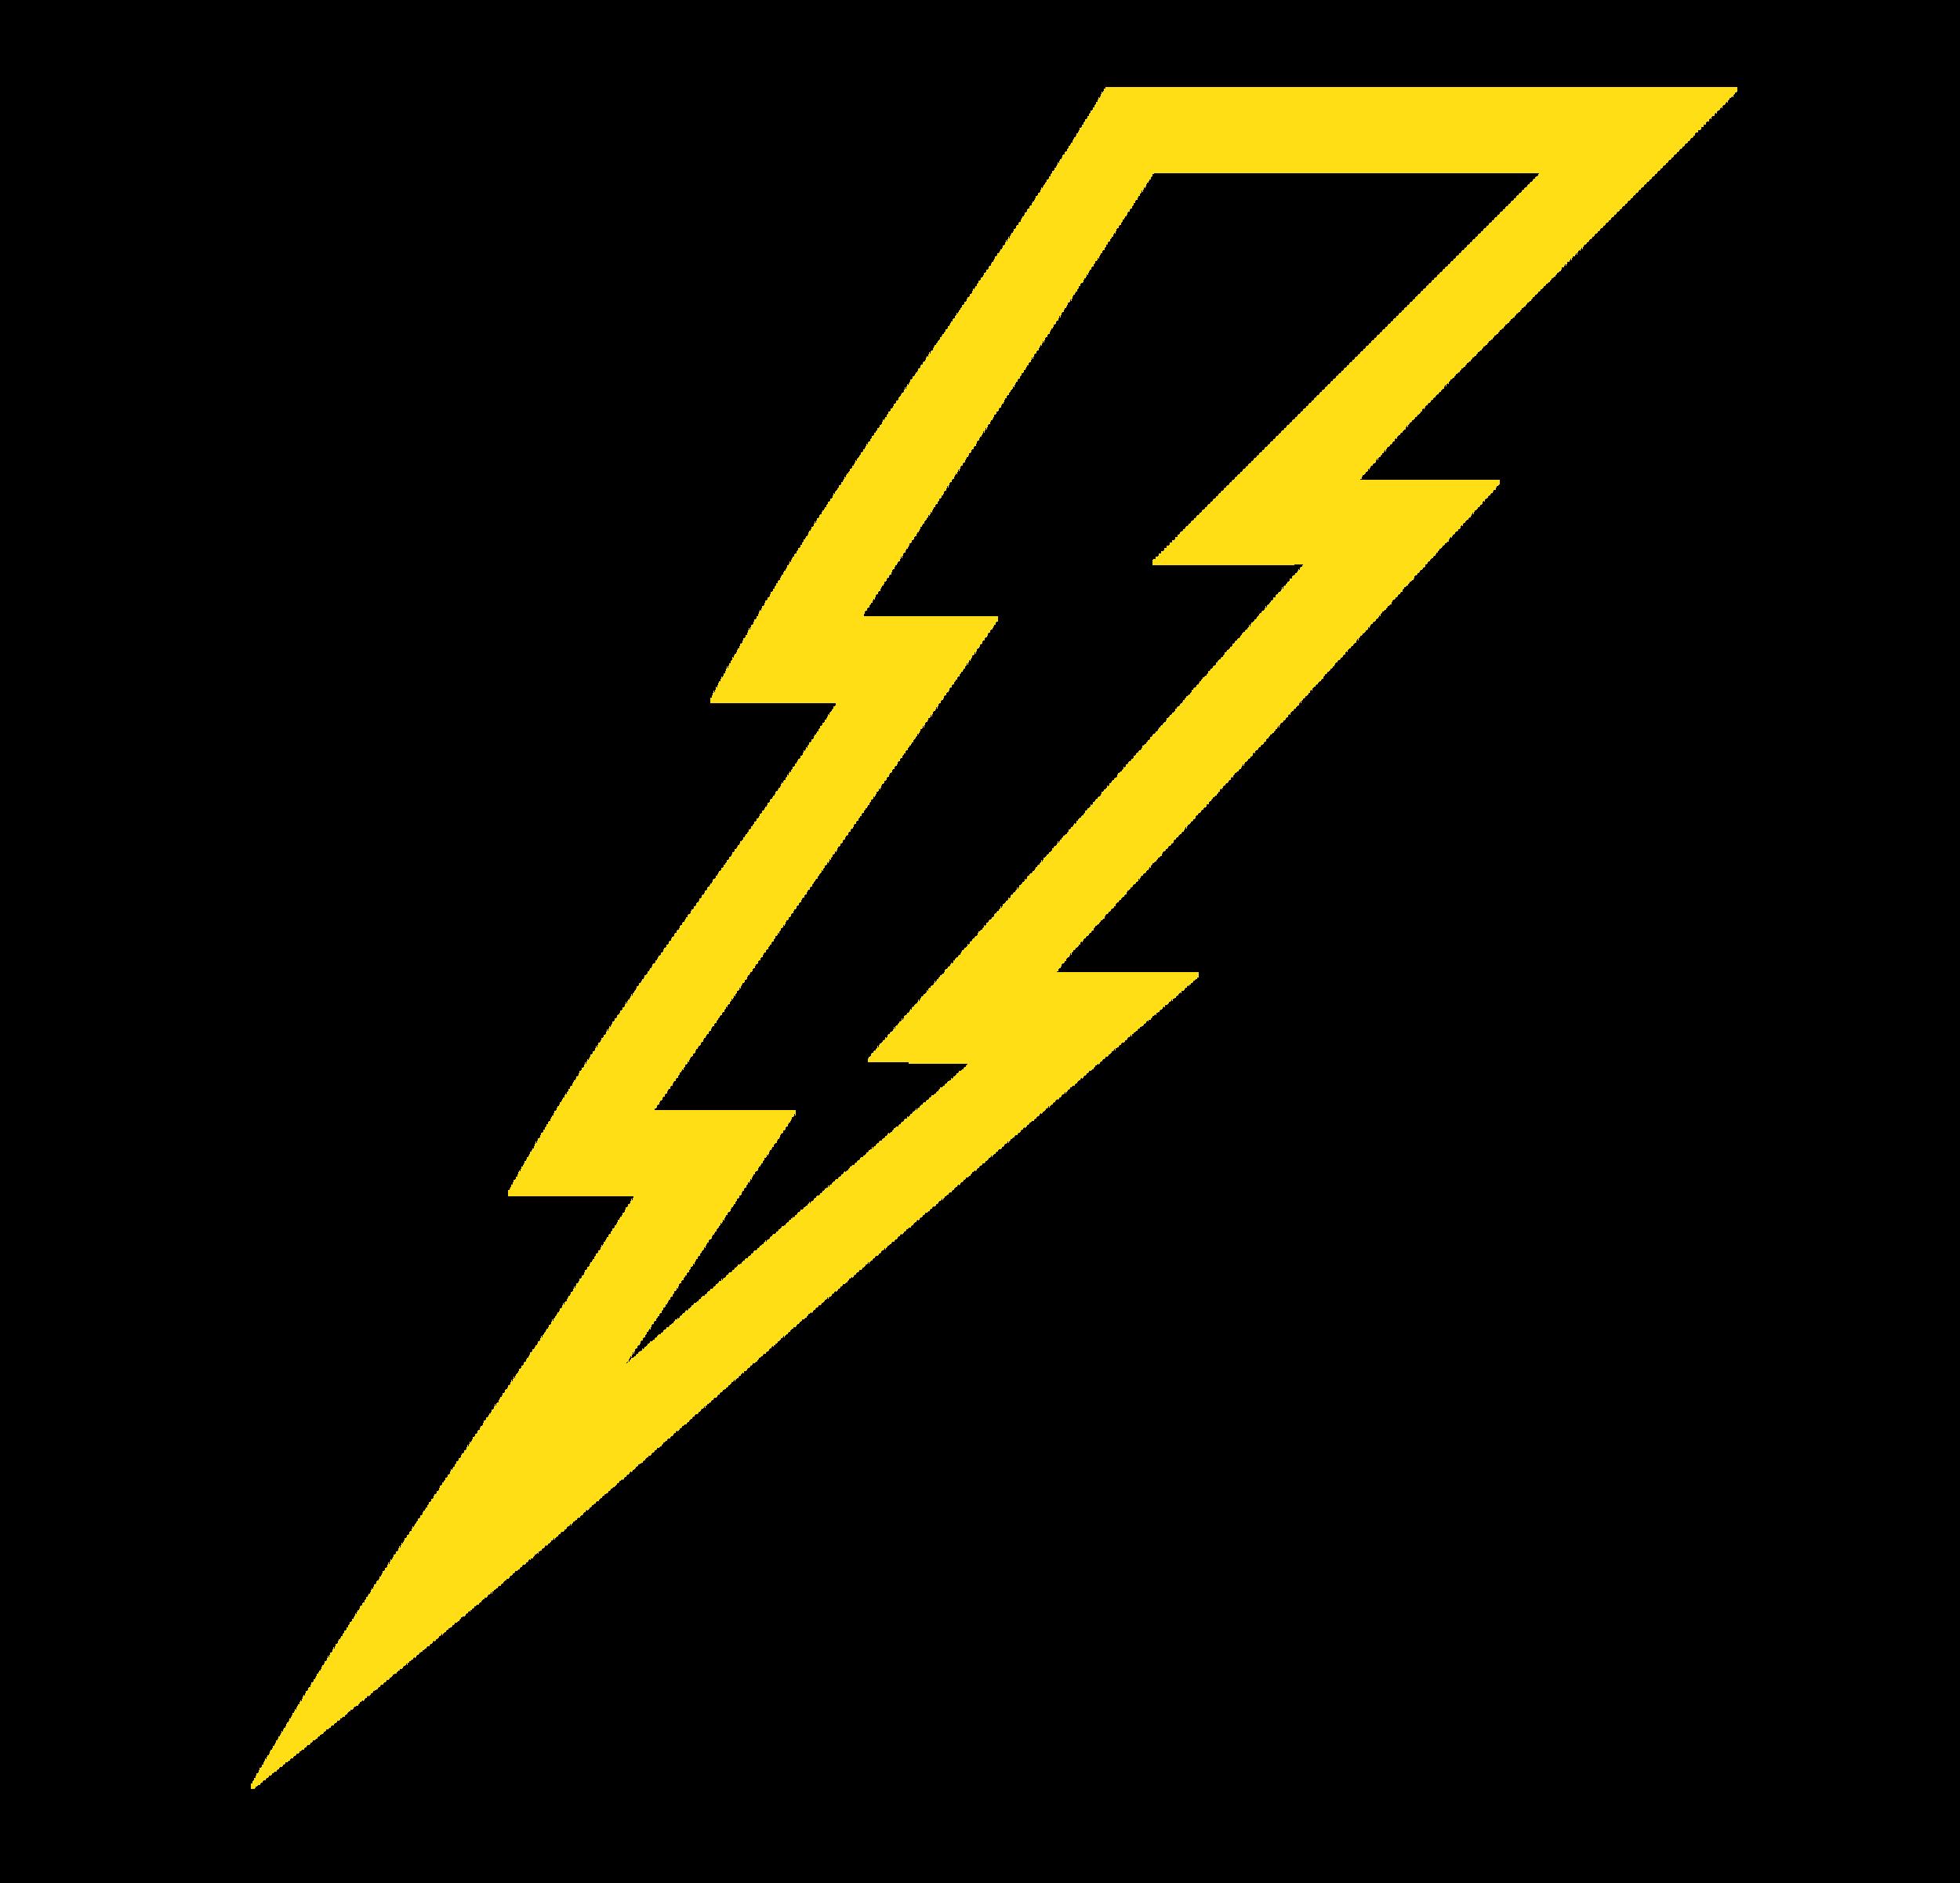 2500x2402 Electricity Clipart Zeus Lightning Bolt